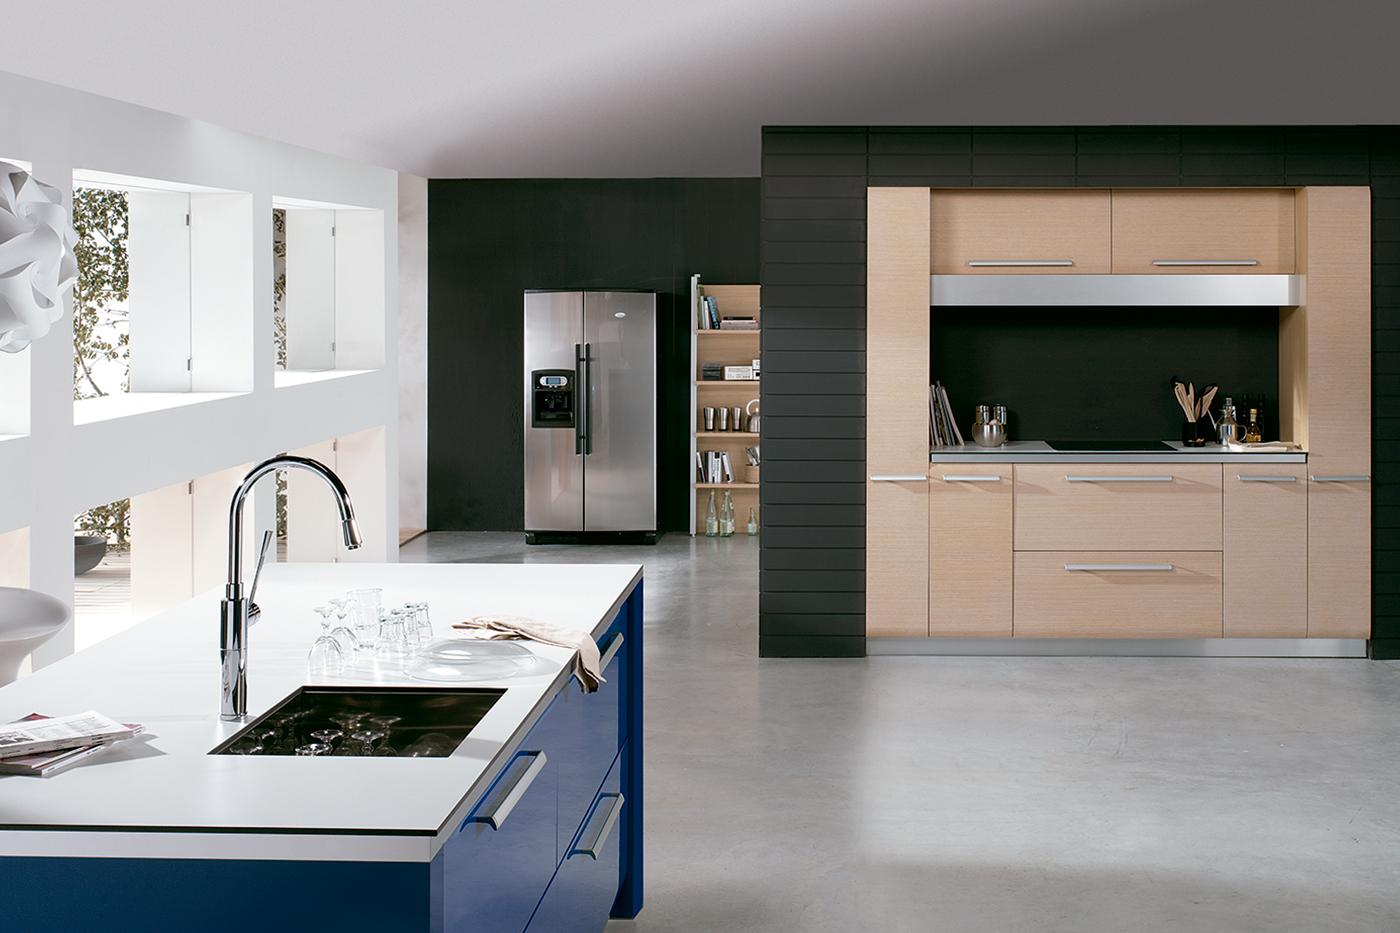 muebles encimeras campanas y fregaderos electrodomésticos mesas y